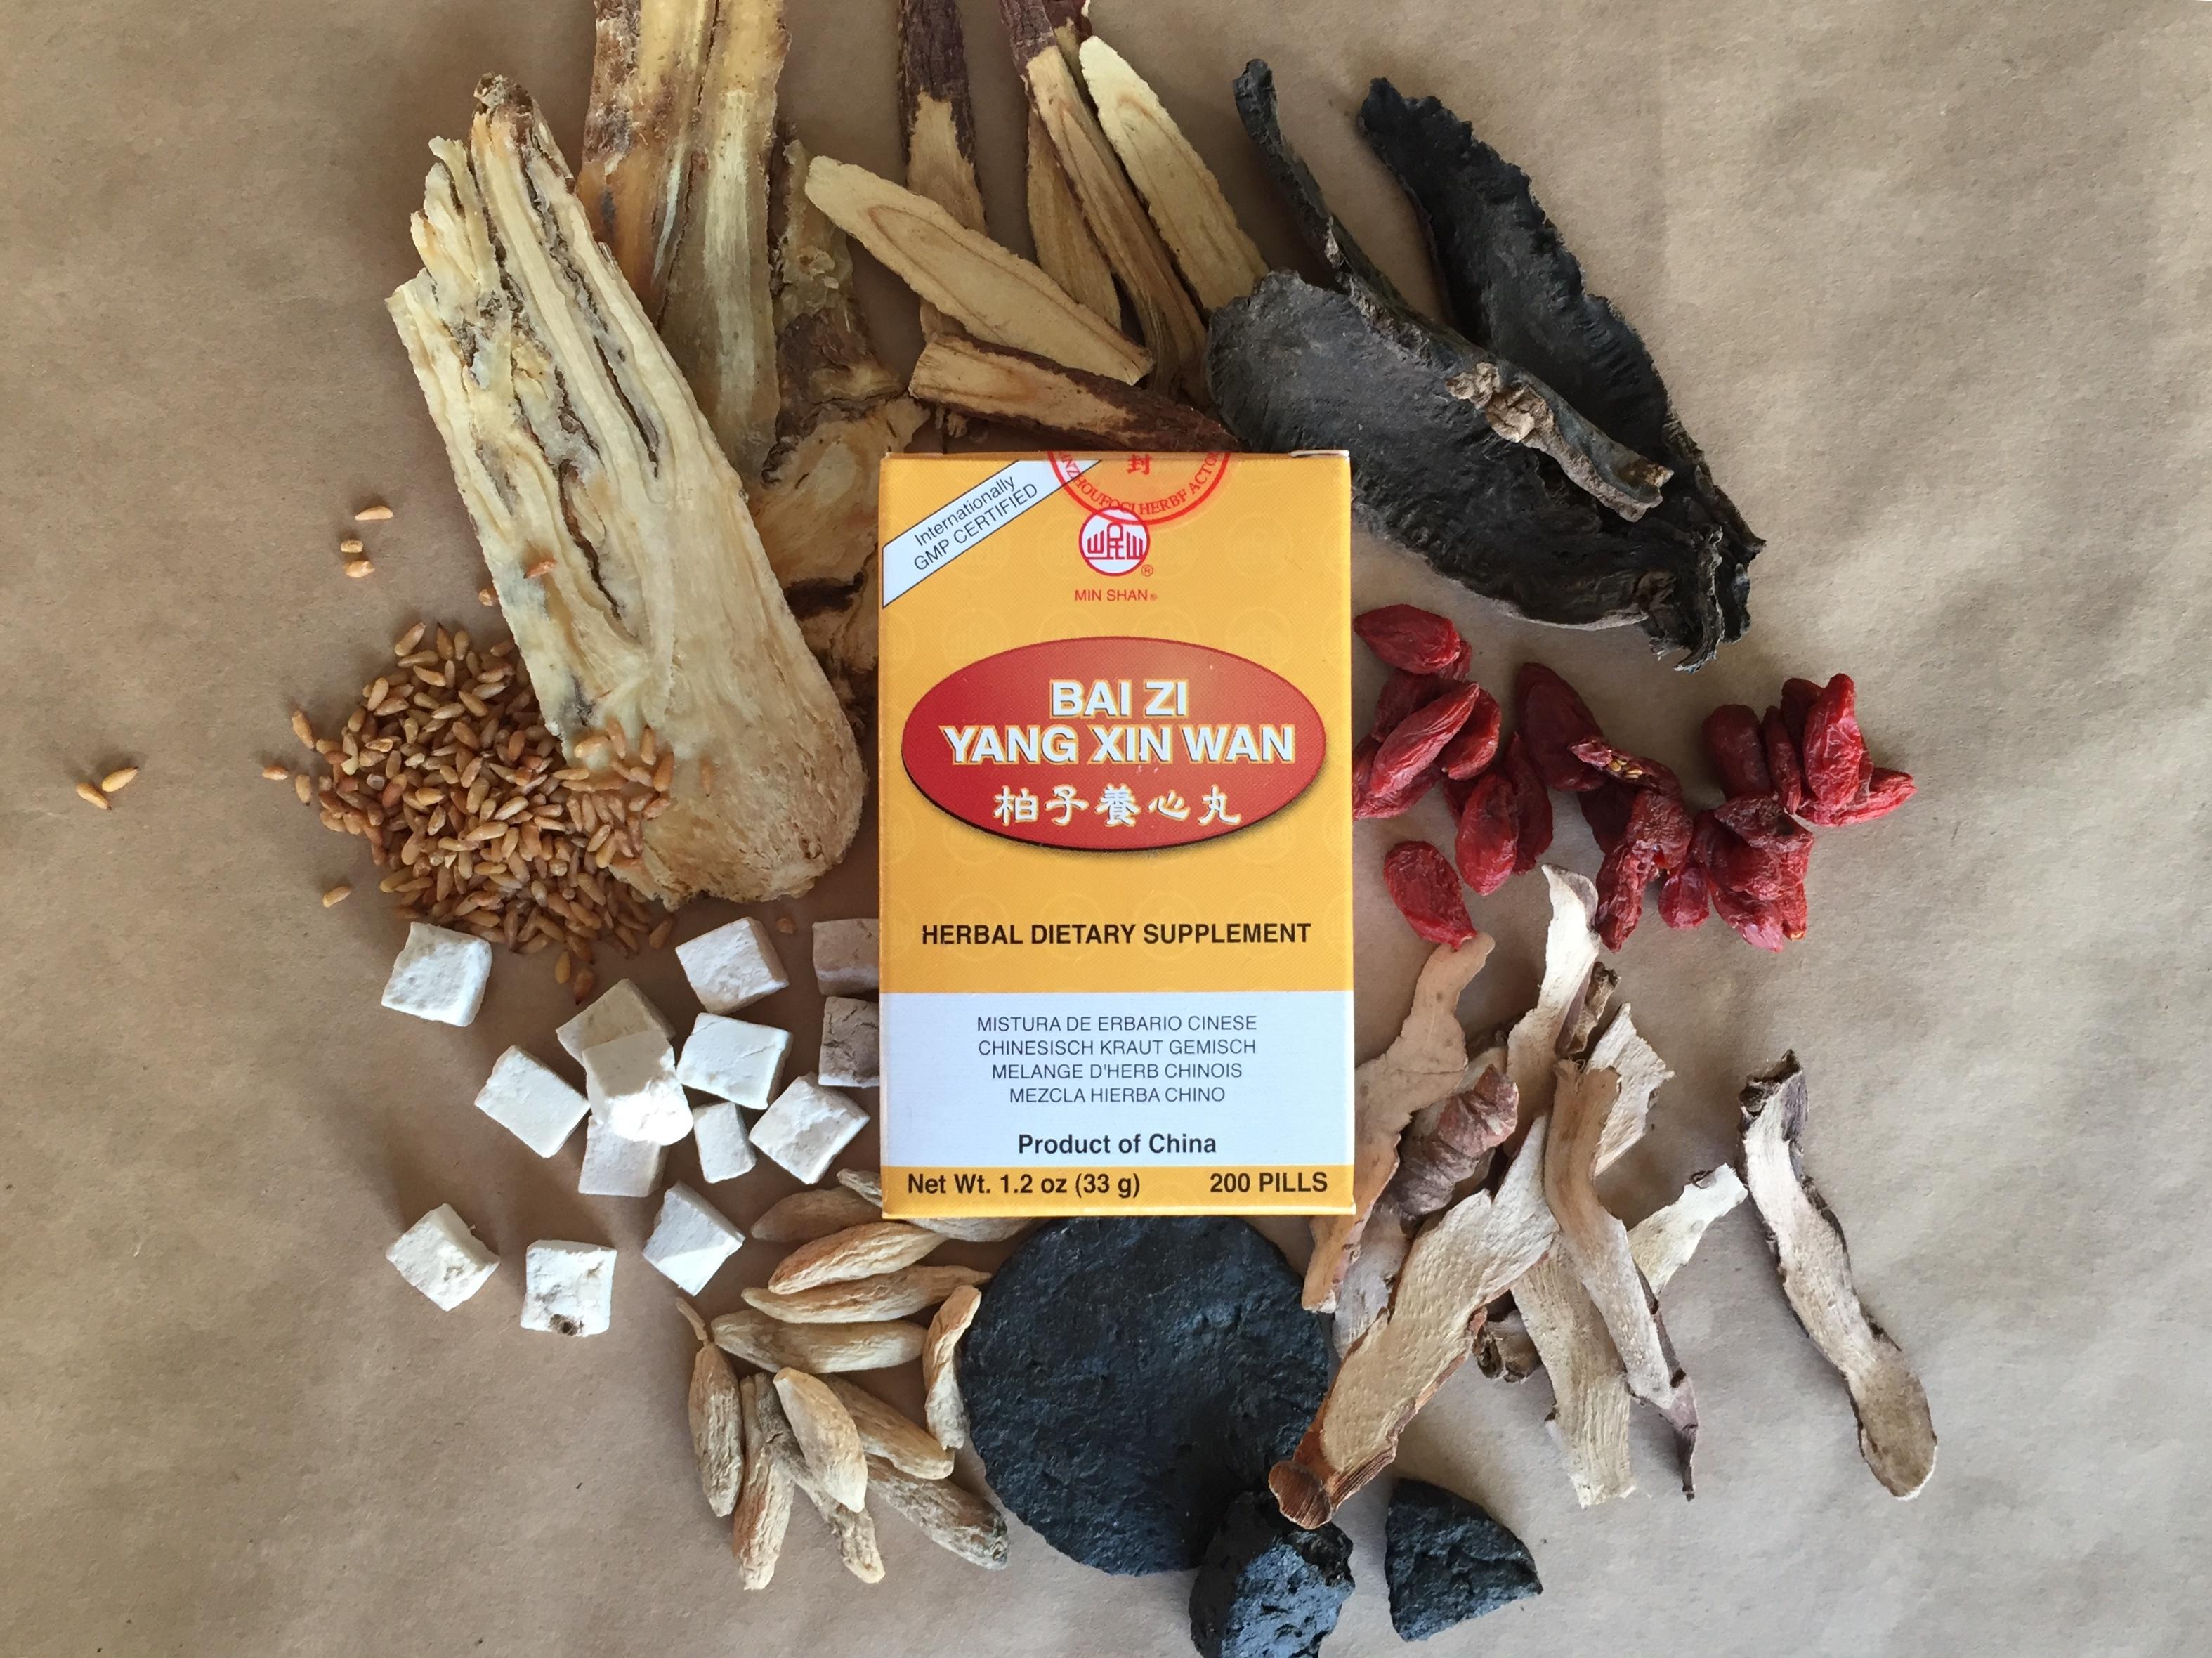 Bai zi yang xin wan with herbs